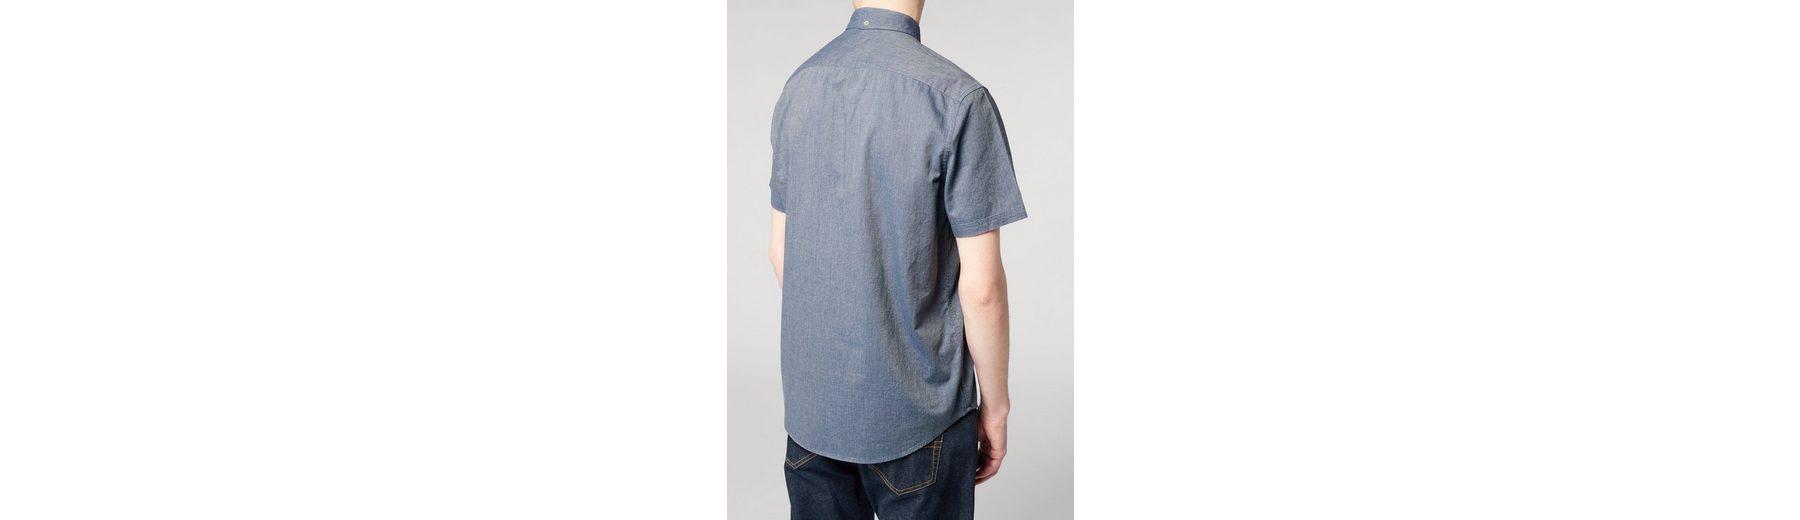 Next Kurzärmeliges Oxford-Hemd Billig Verkauf Eastbay Billig Ausverkauf Store Einen Günstigen Preis Angebote Zum Verkauf Wiki Verkauf Online xOYfQxSpxJ